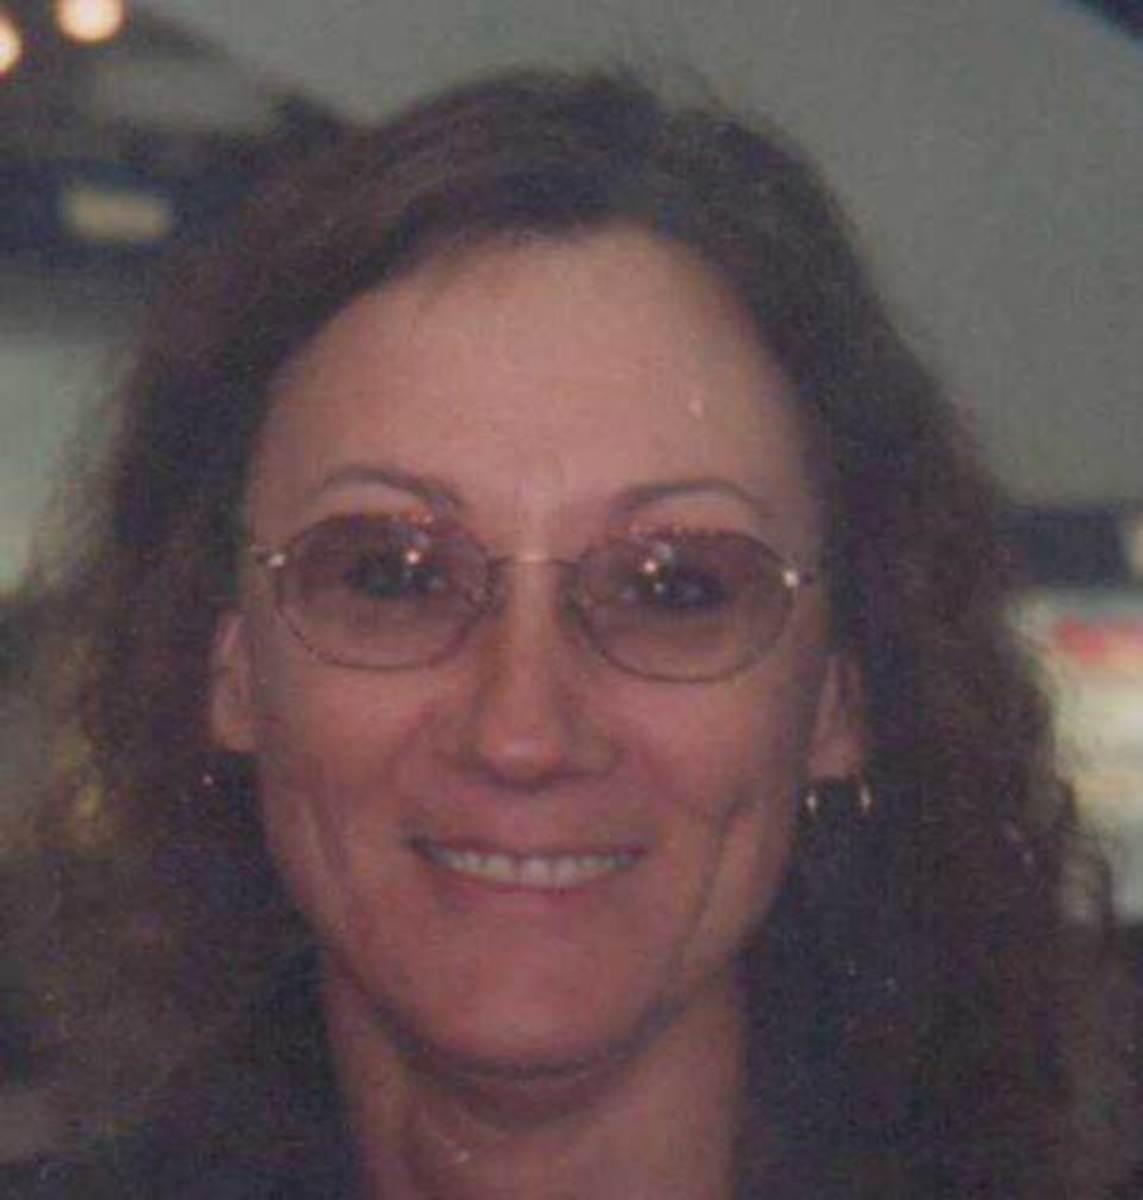 Missing: Regina Marie Bos